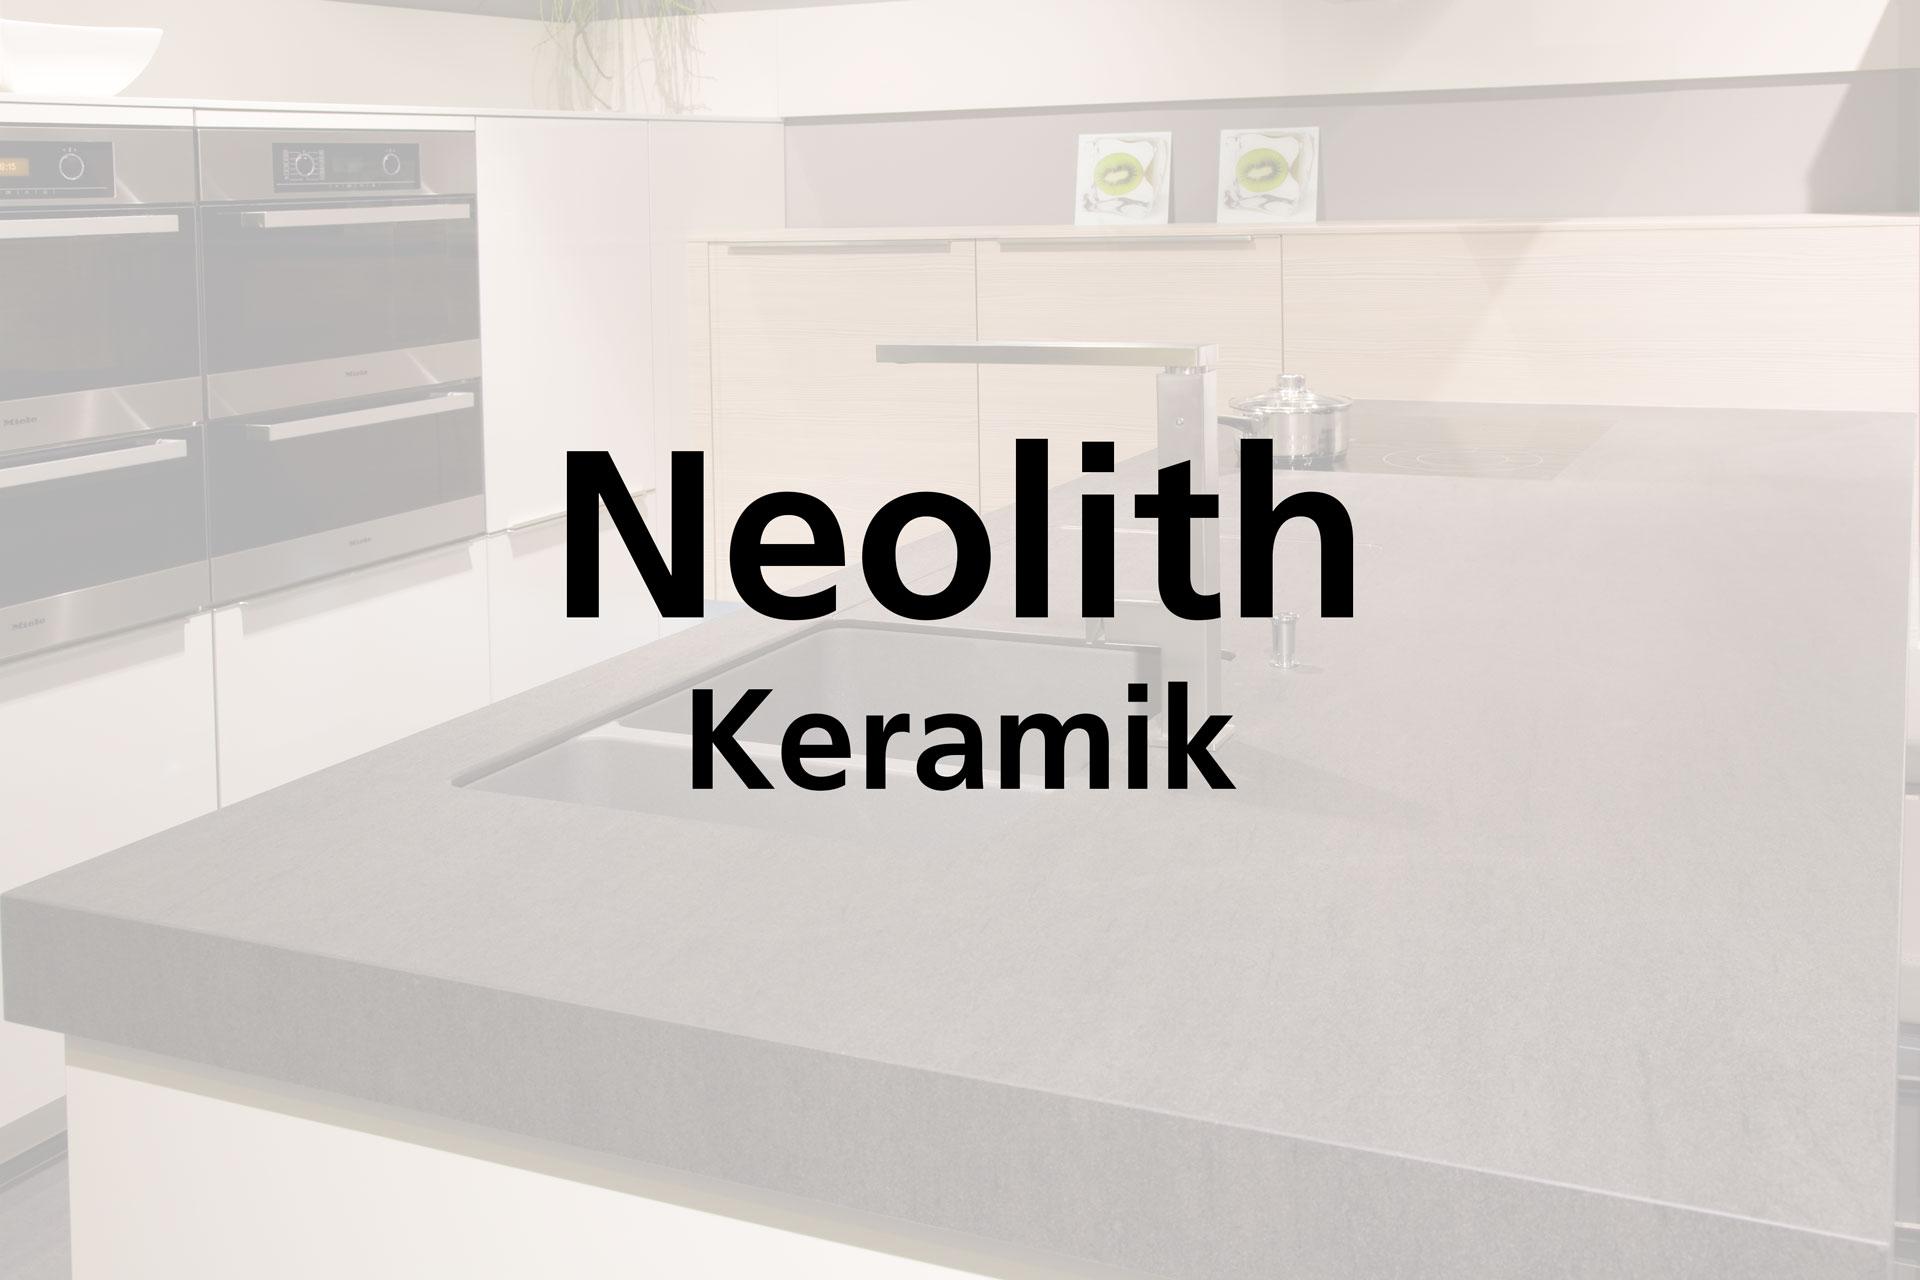 neolith_keramik